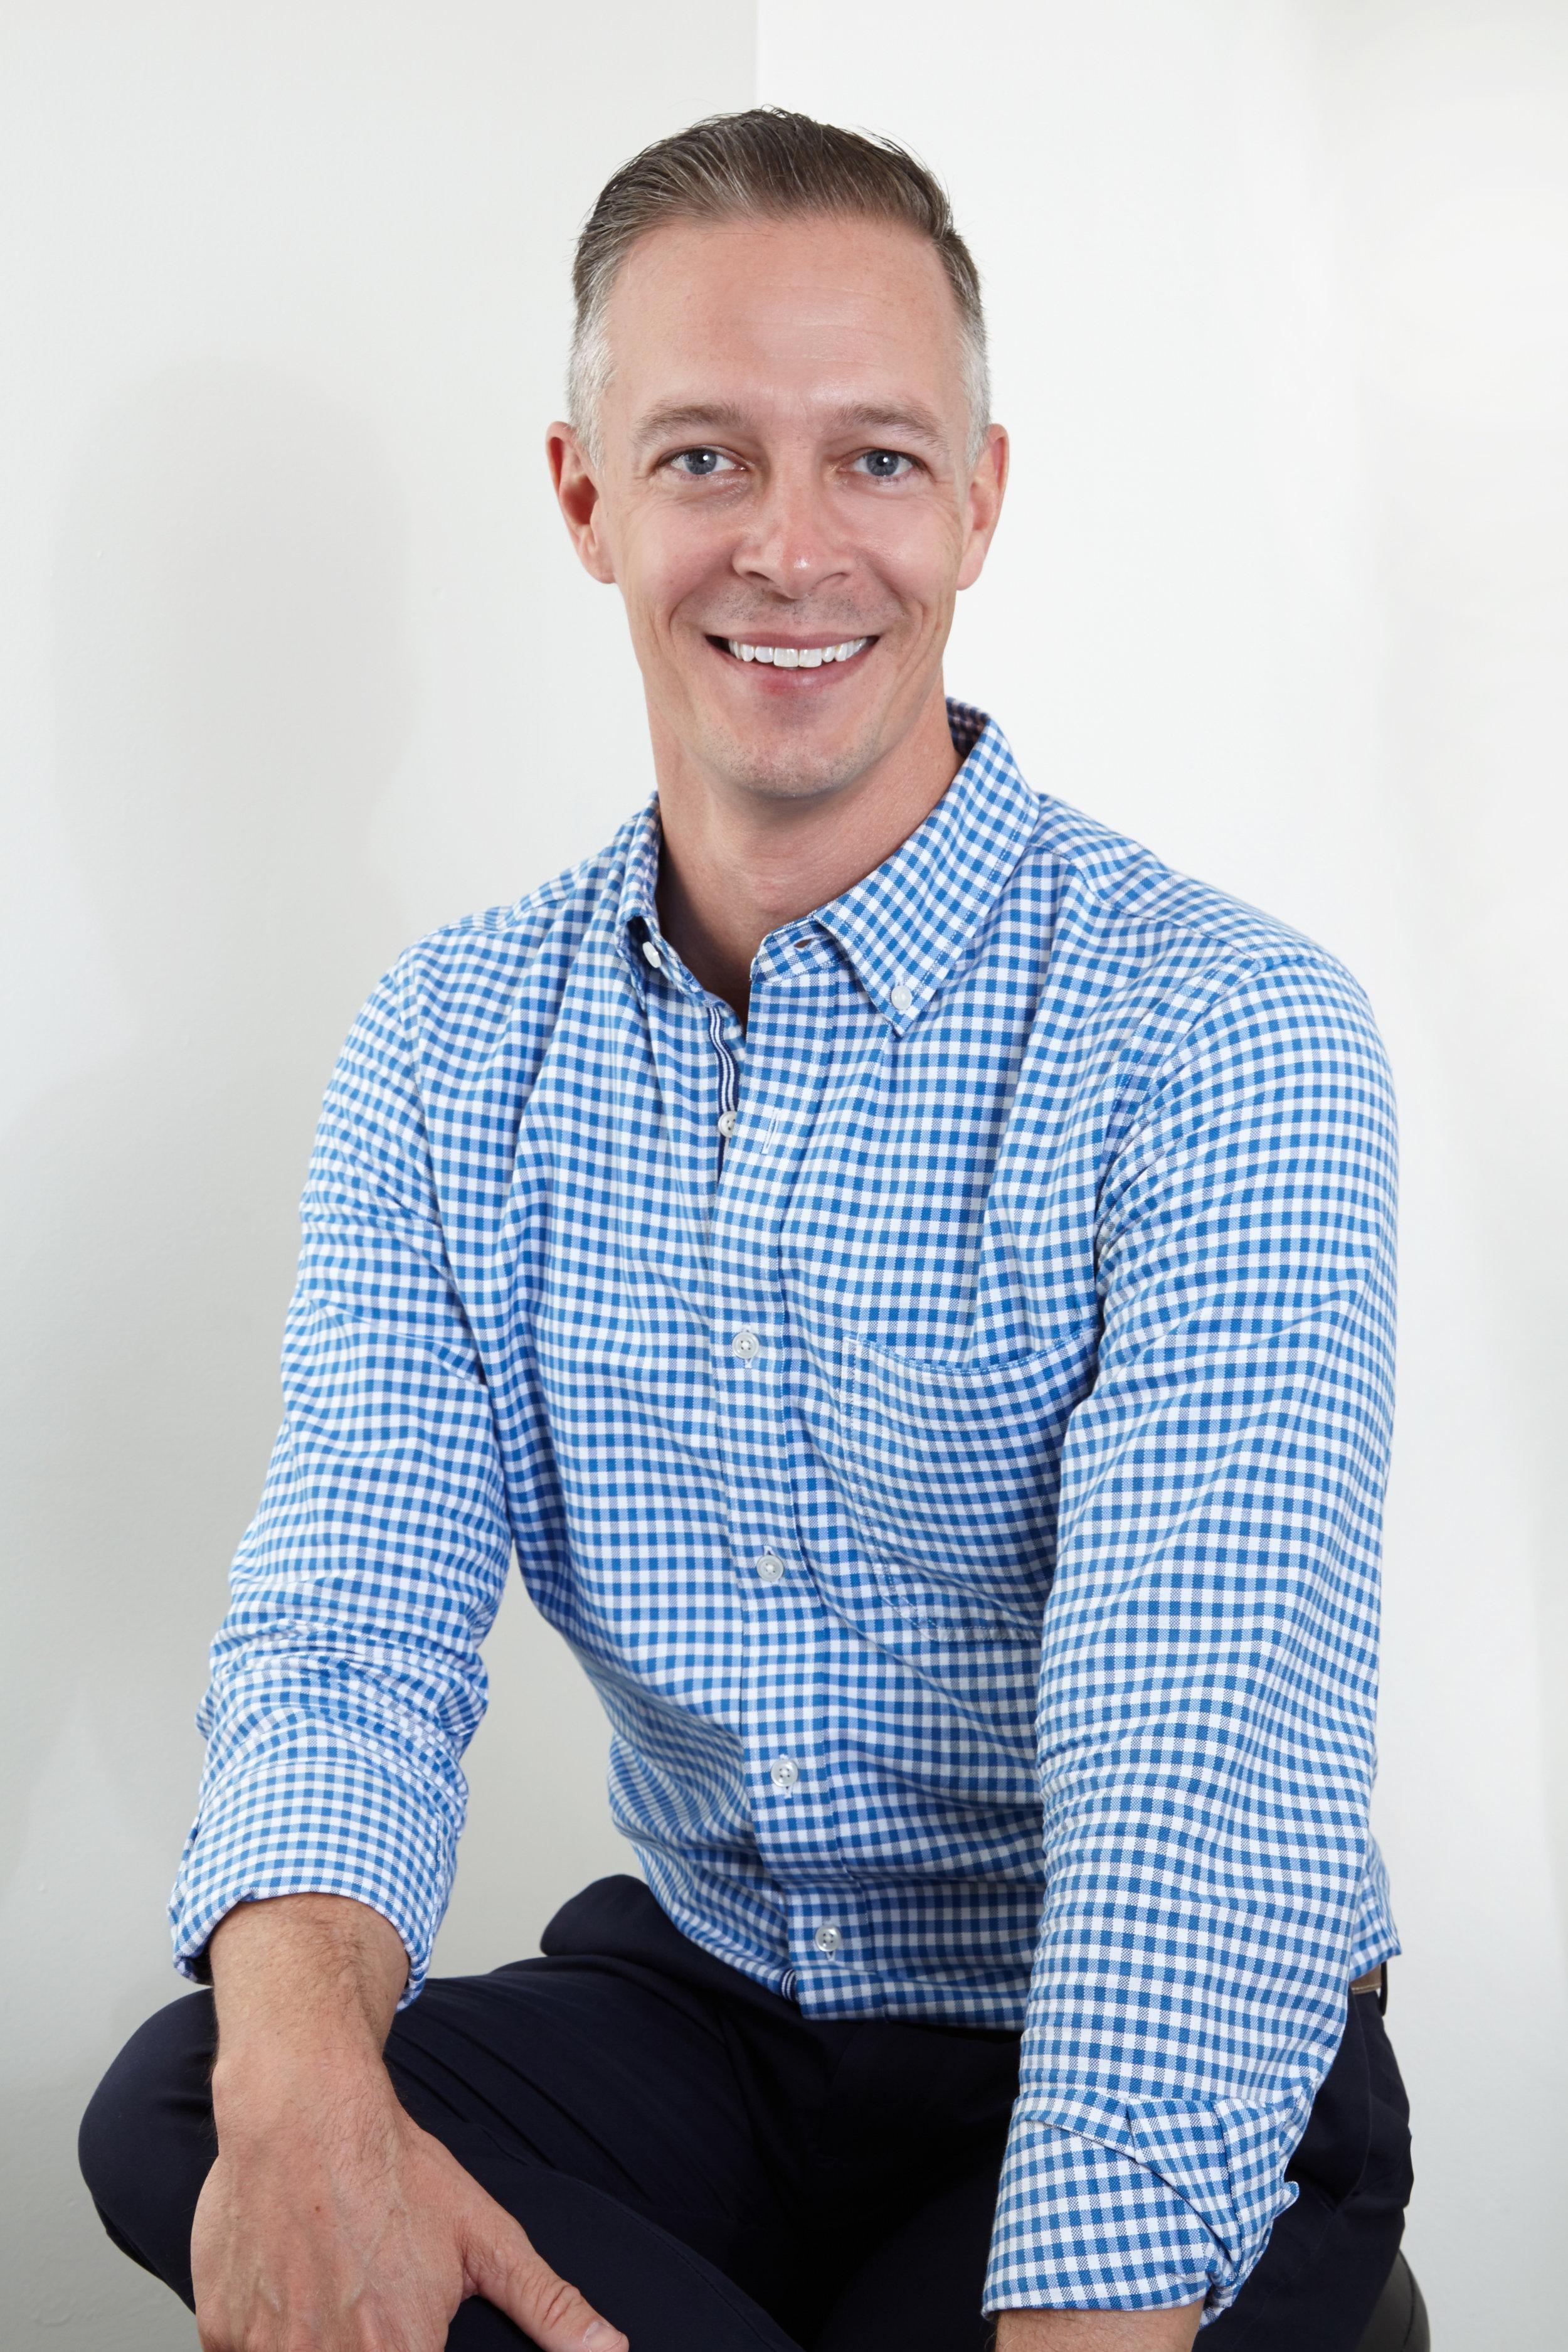 Dr. Mark Lusk